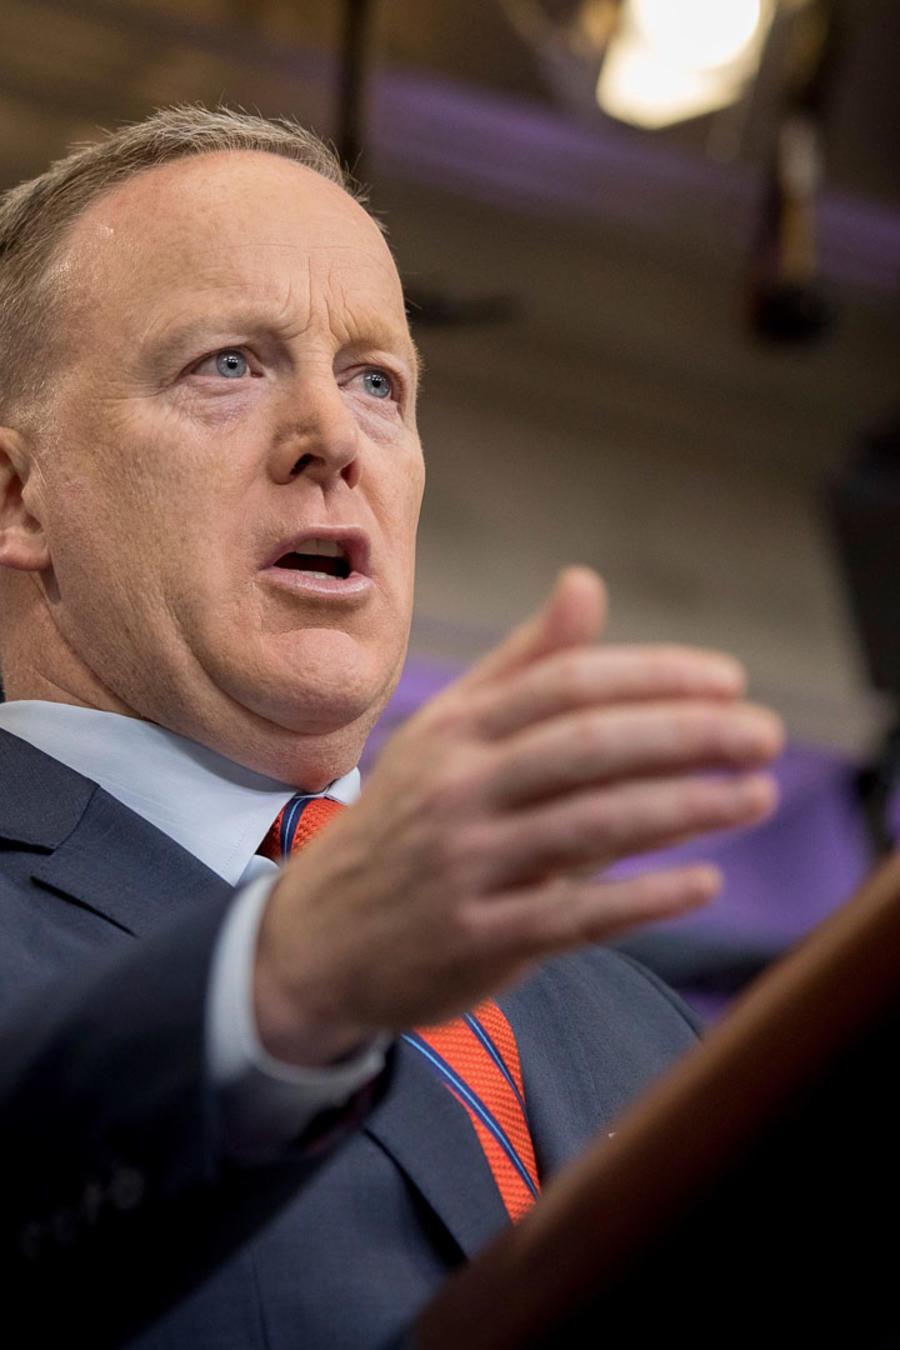 El portavoz de la Casa Blanca, Sean Spicer, el 11 de abril de 2017